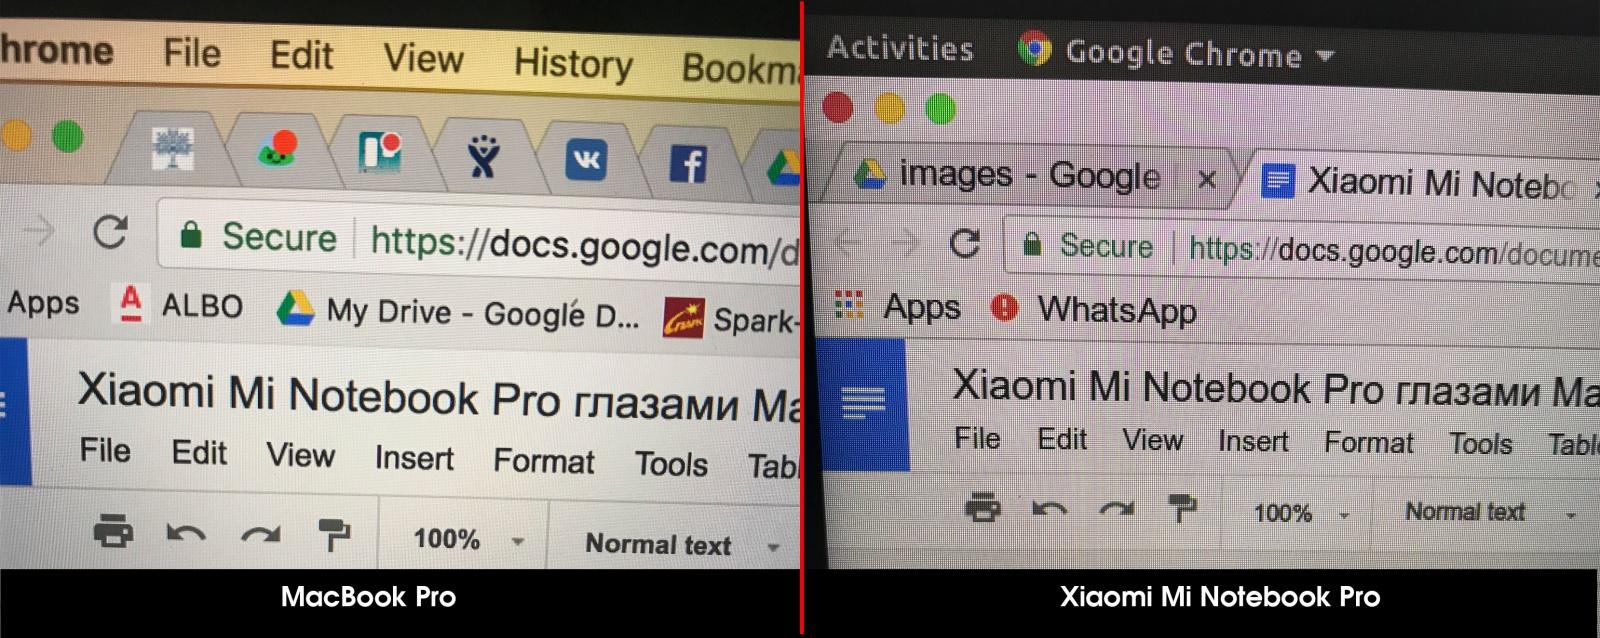 Xiaomi Mi Notebook Pro как основной инструмент веб-разработчика (глазами маковода) - 11